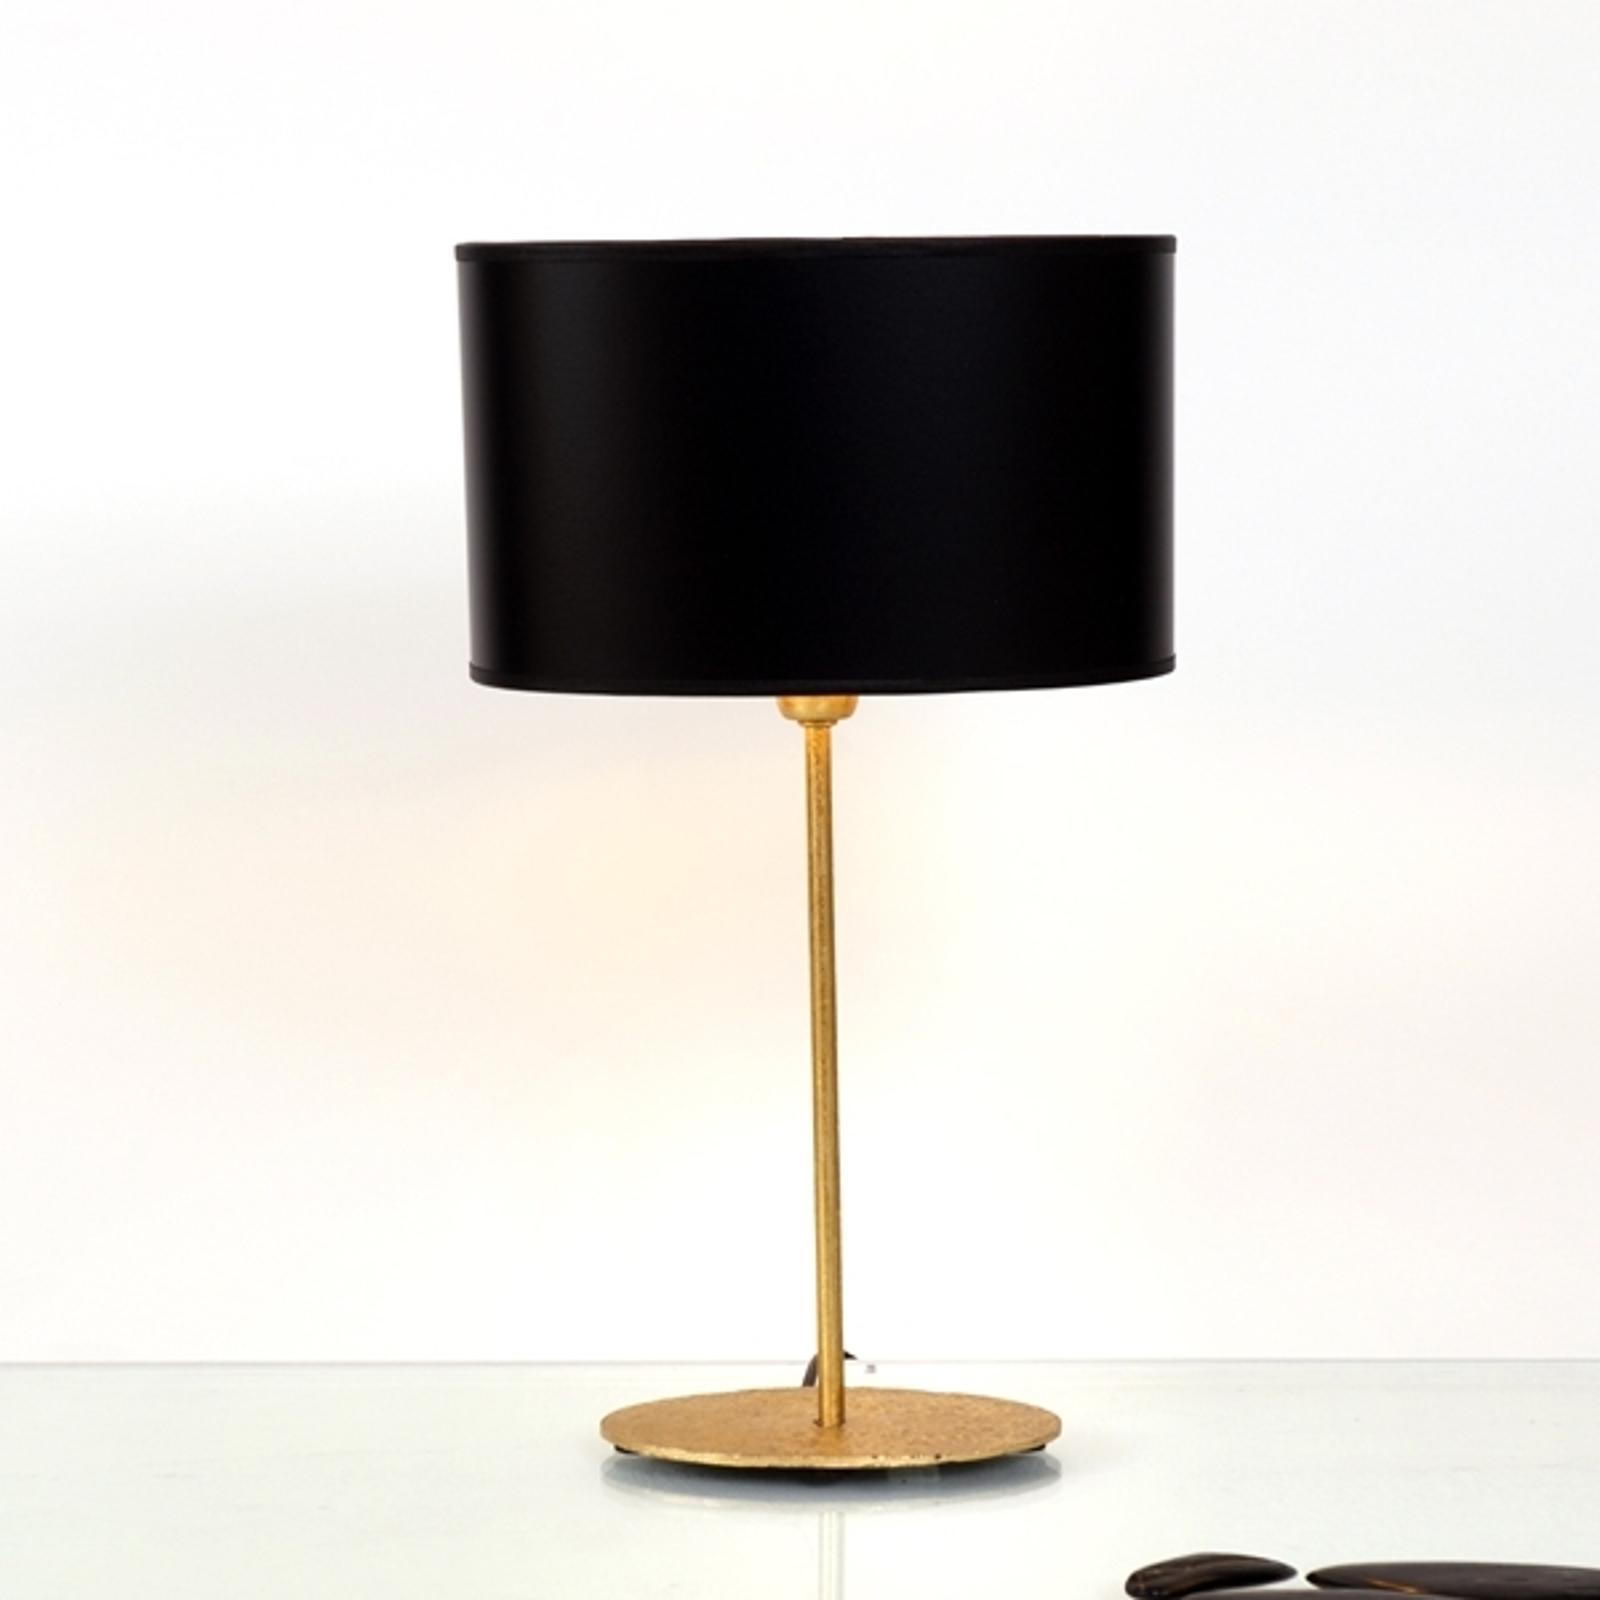 Vakker Mattia bordlampe med oval skjerm